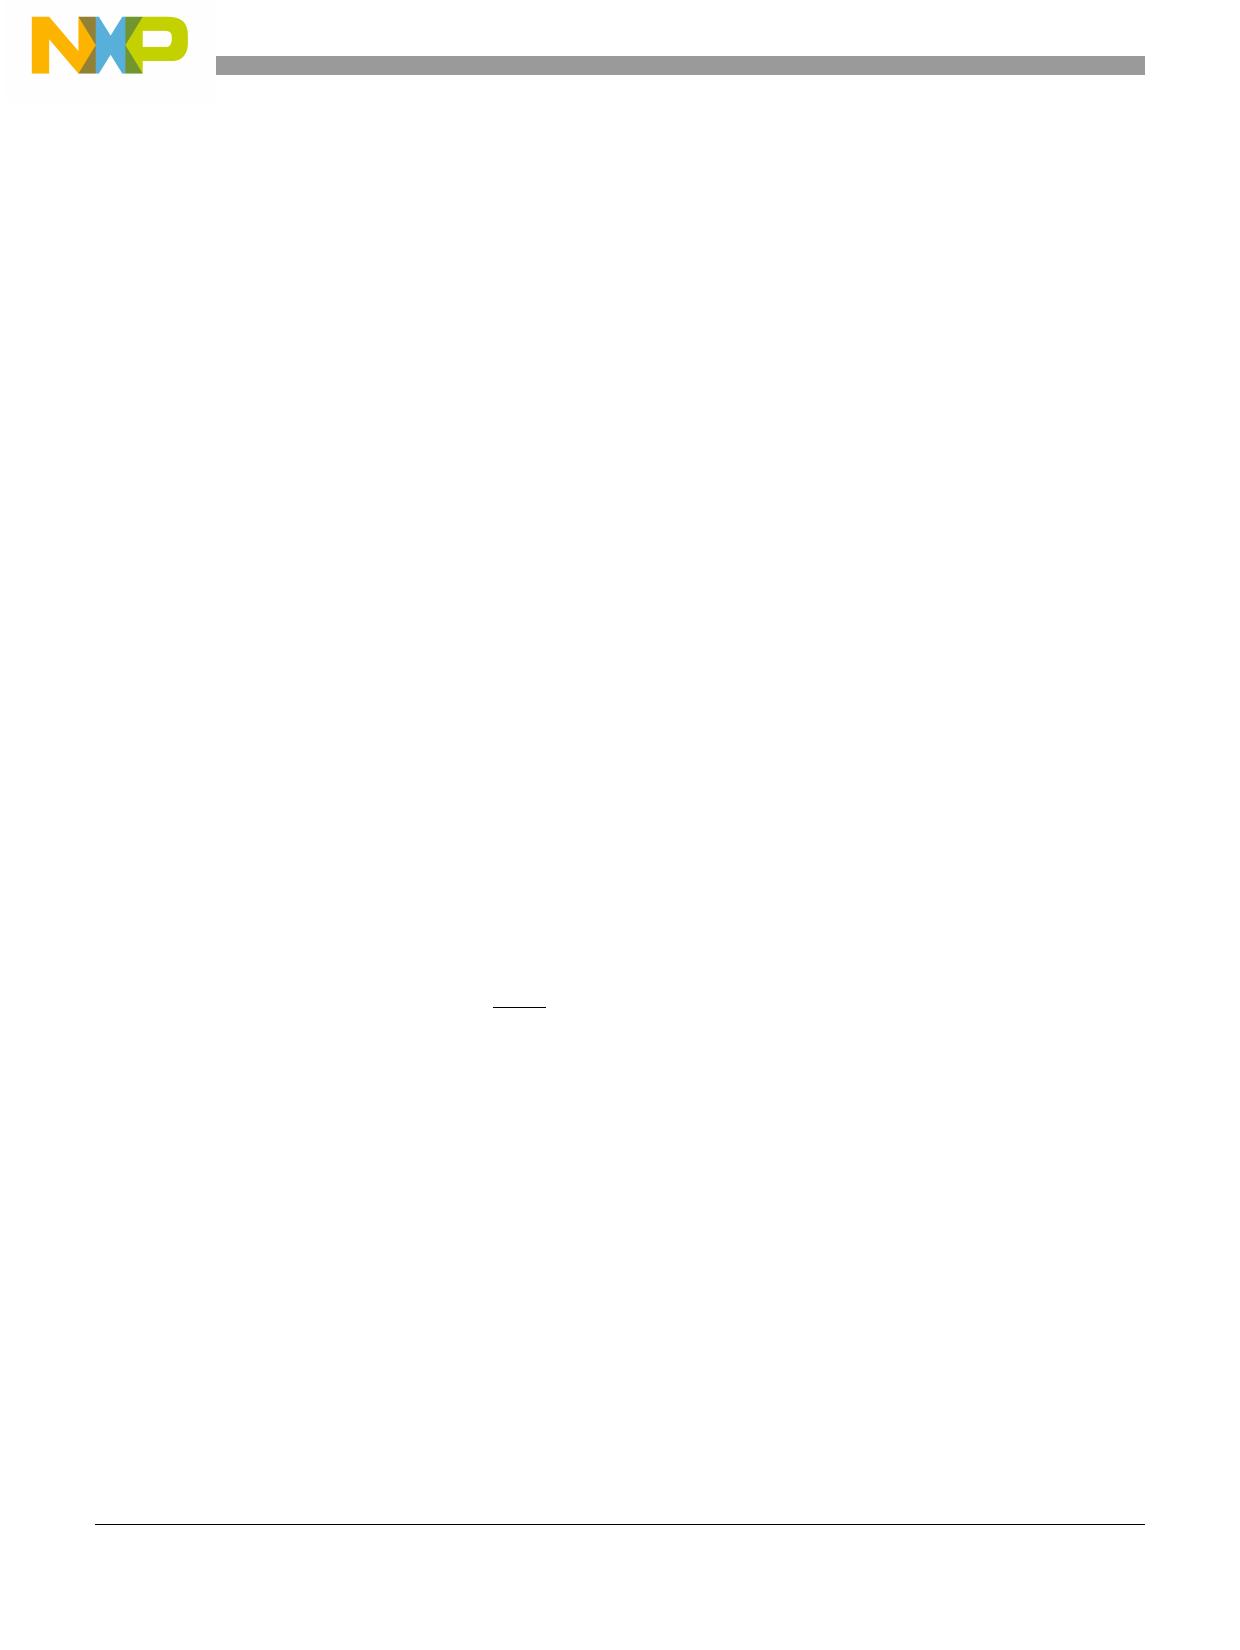 MPC8306S pdf, 반도체, 판매, 대치품